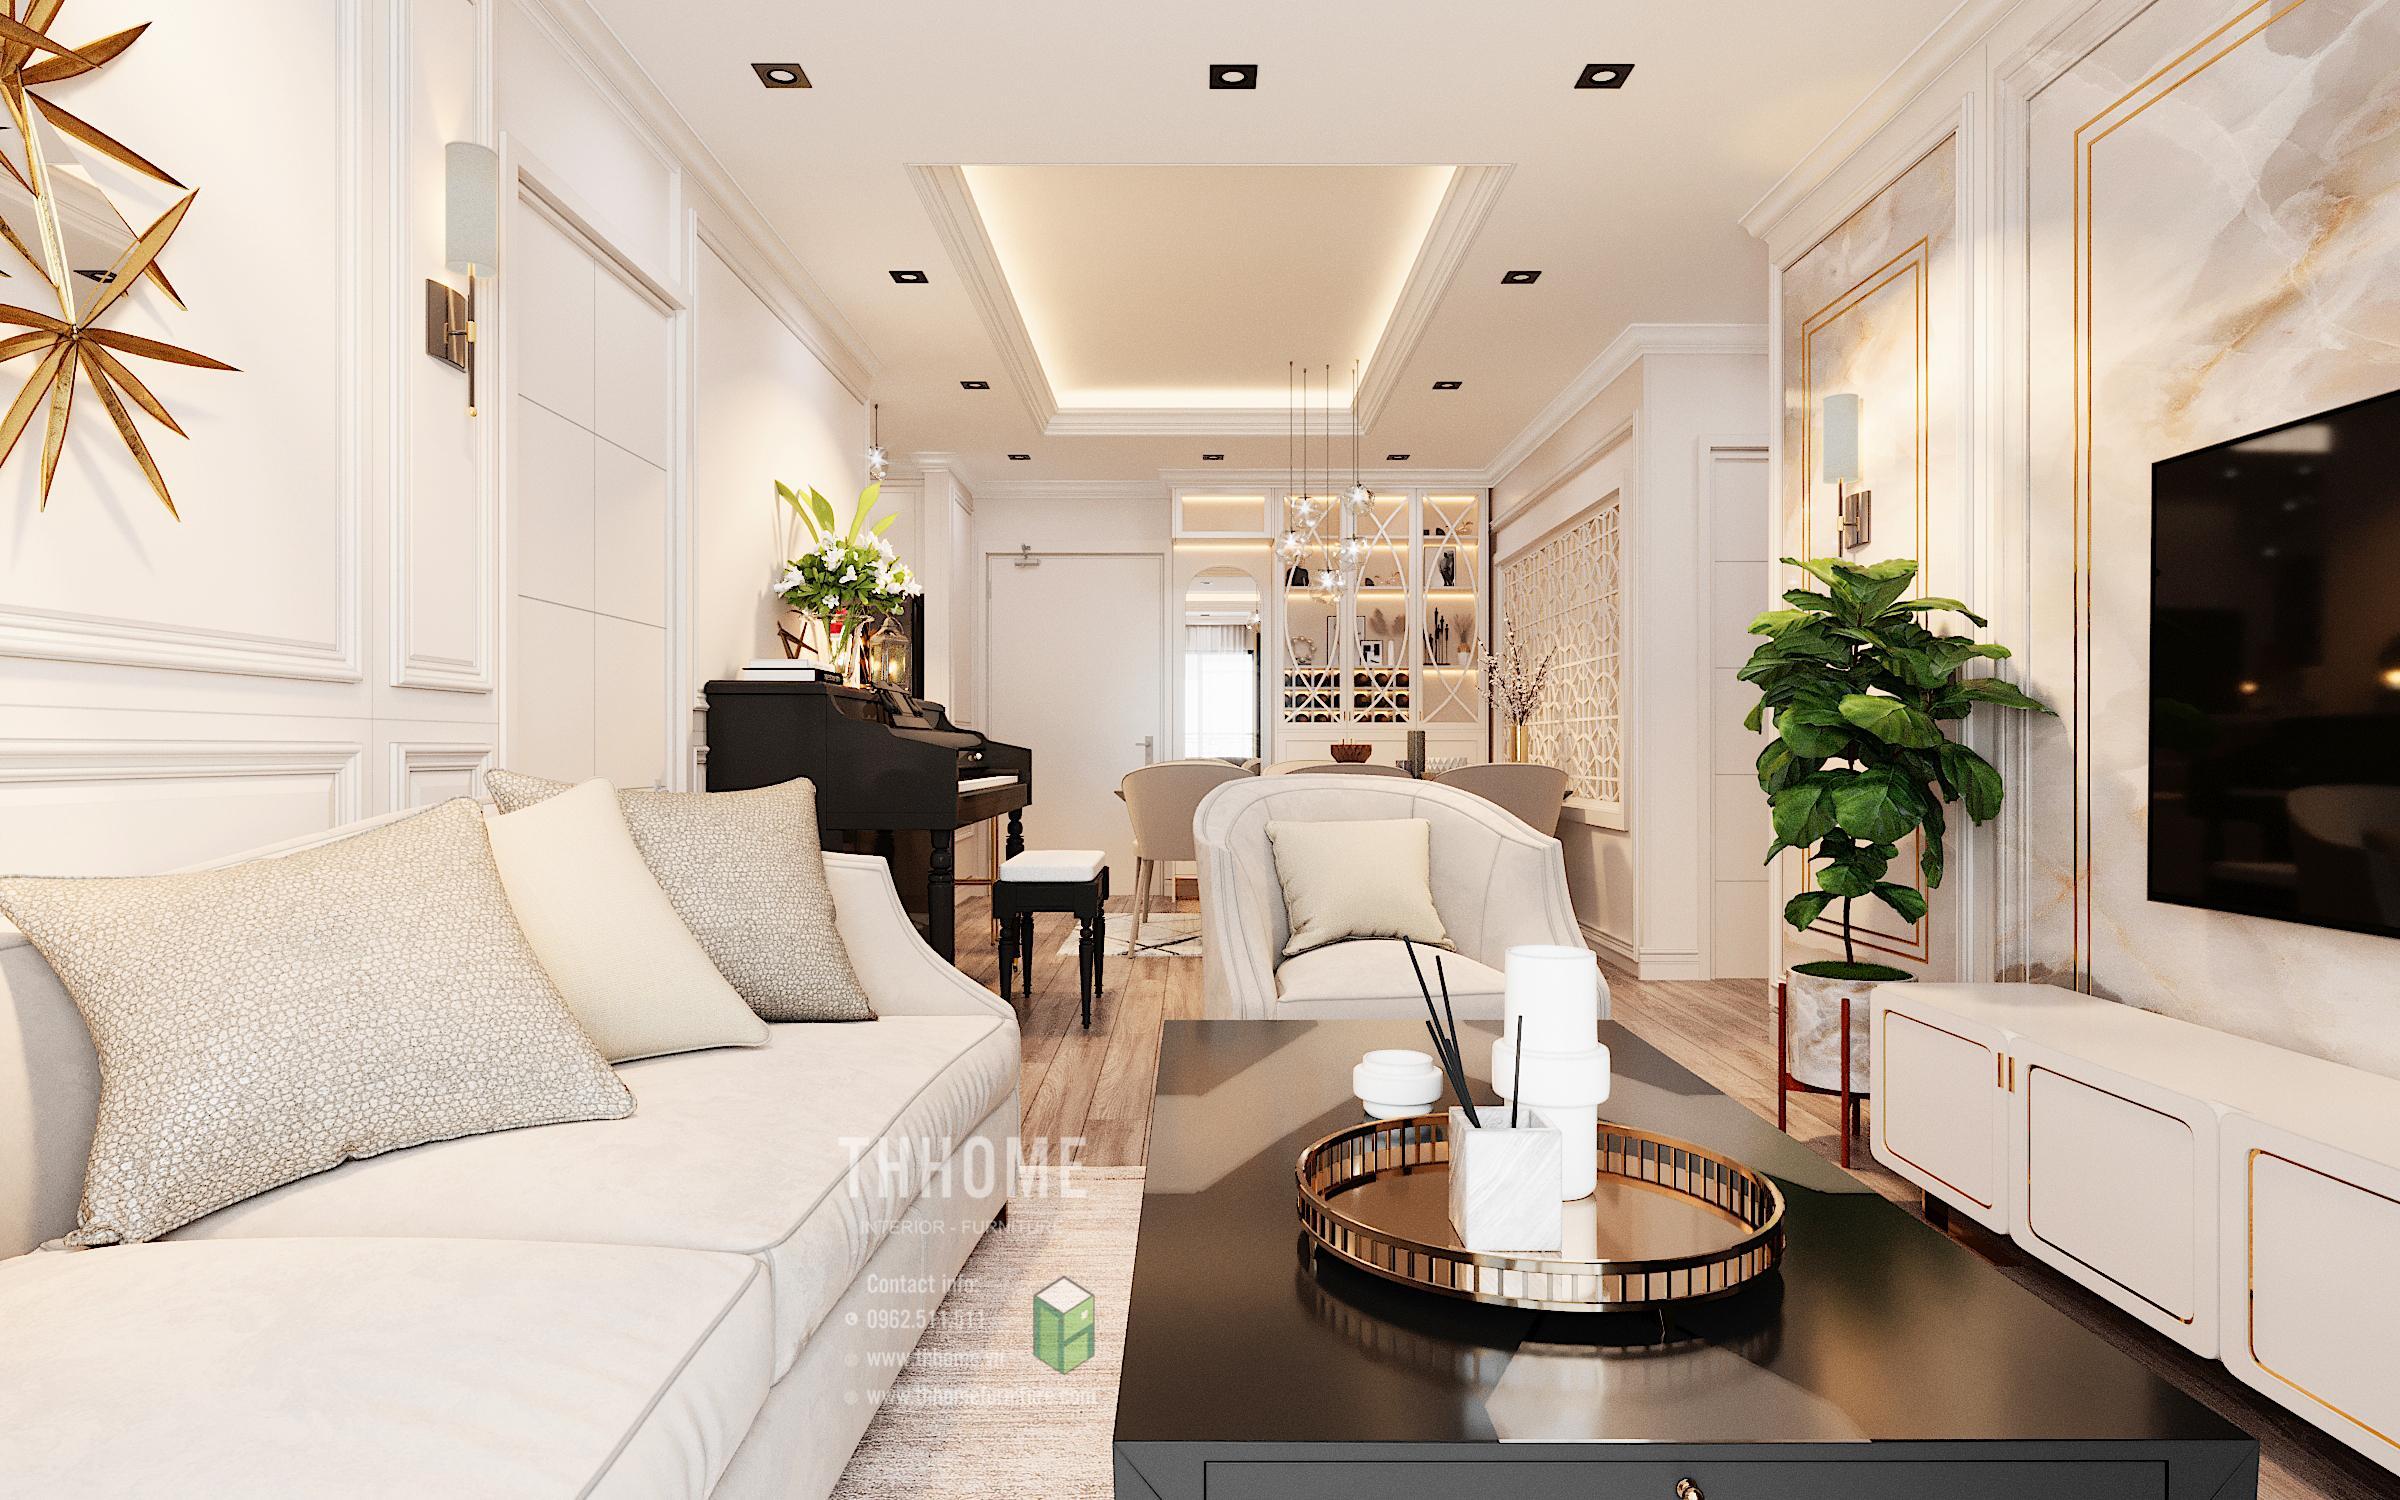 kết hợp cả vật liệu tự nhiên và công nghiệp trong thiết kế nội thất phong cách Tân cổ điển